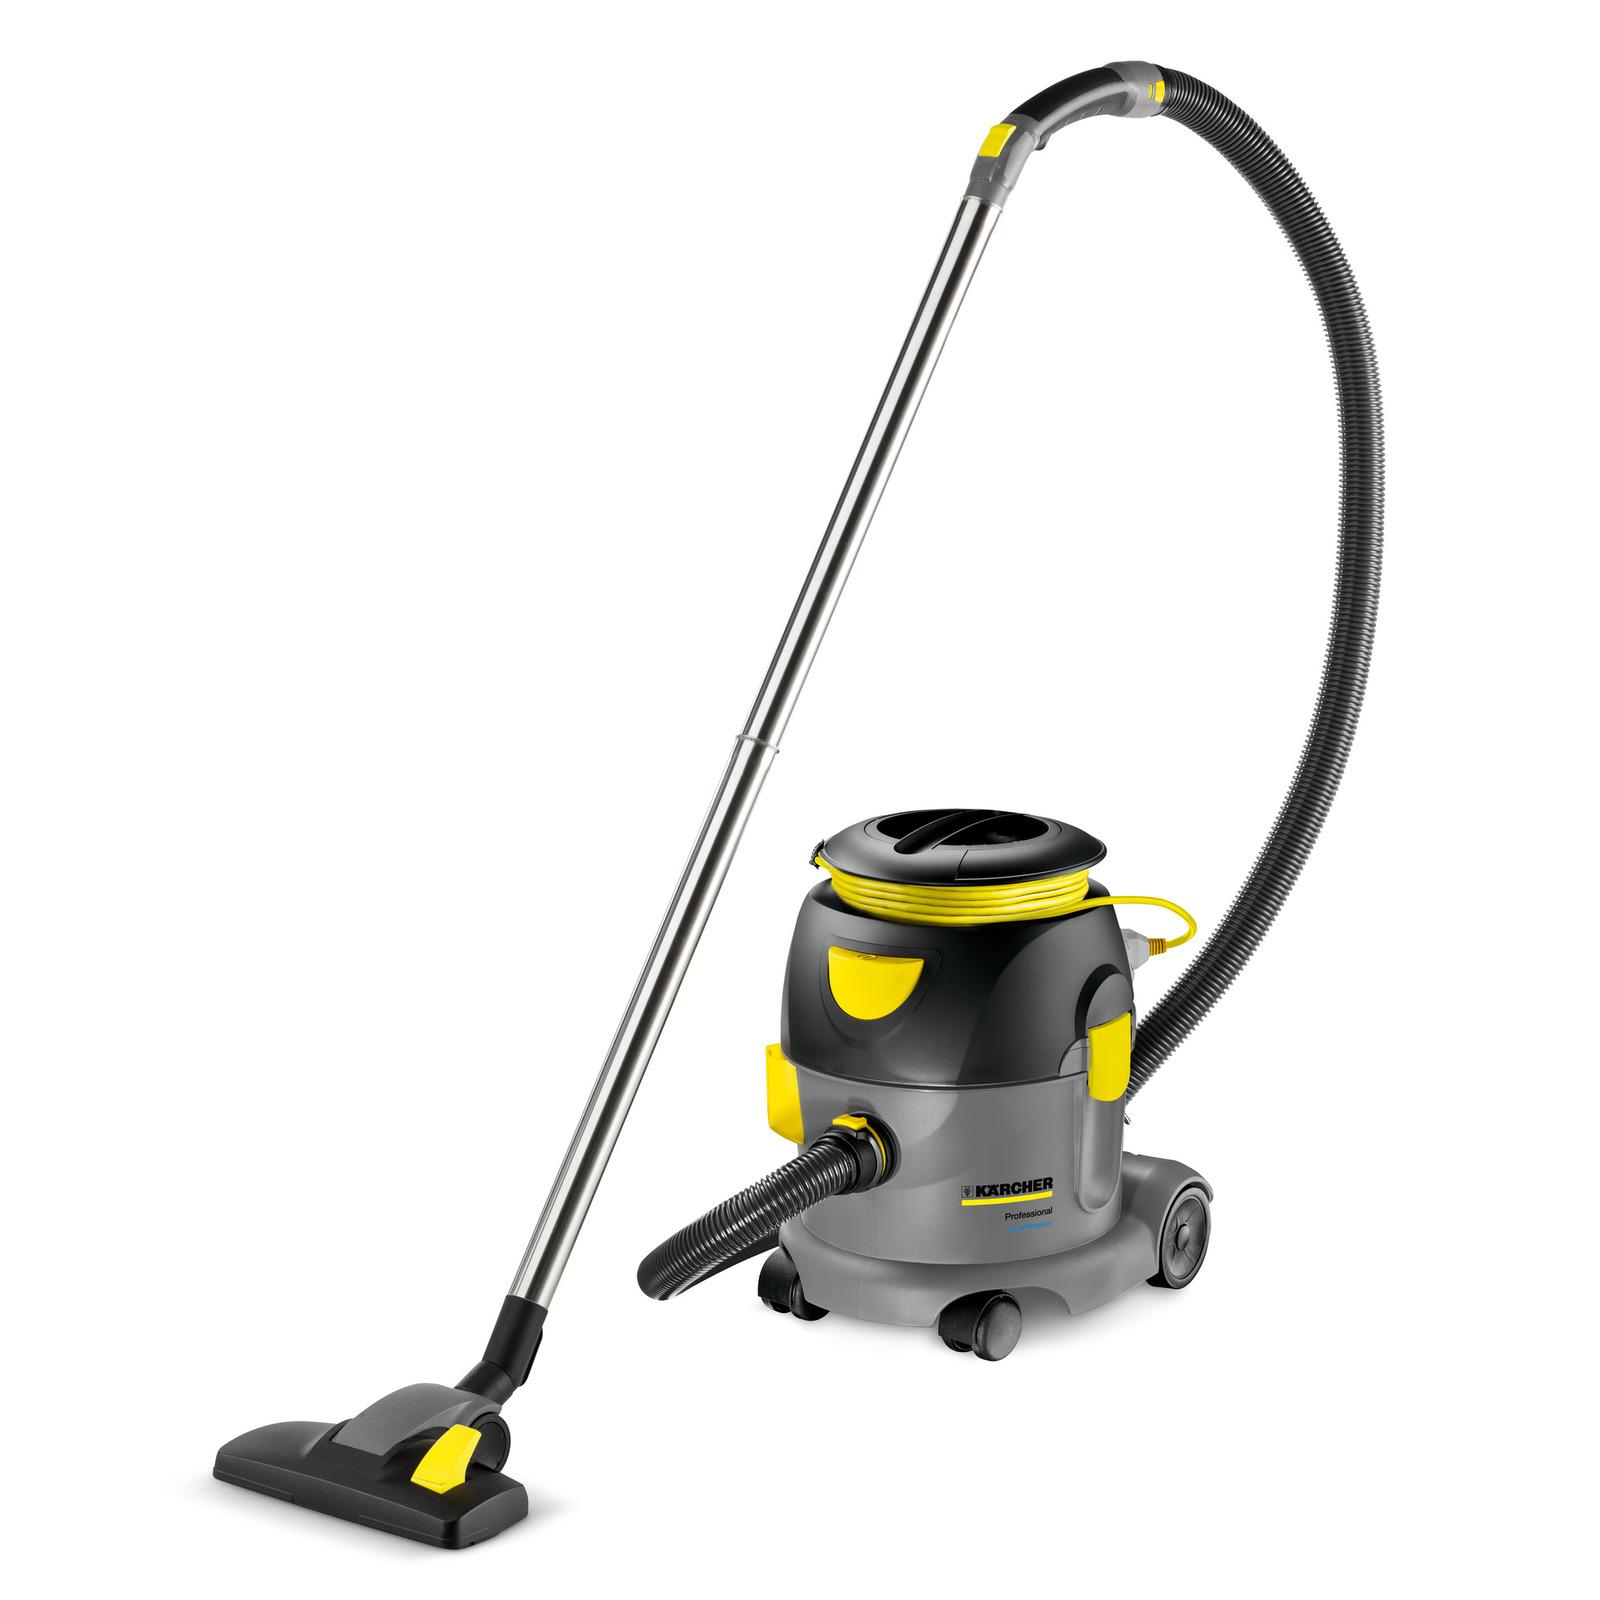 Karcher Dry Vacuum Cleaner T 10 1 Ecoefficiency